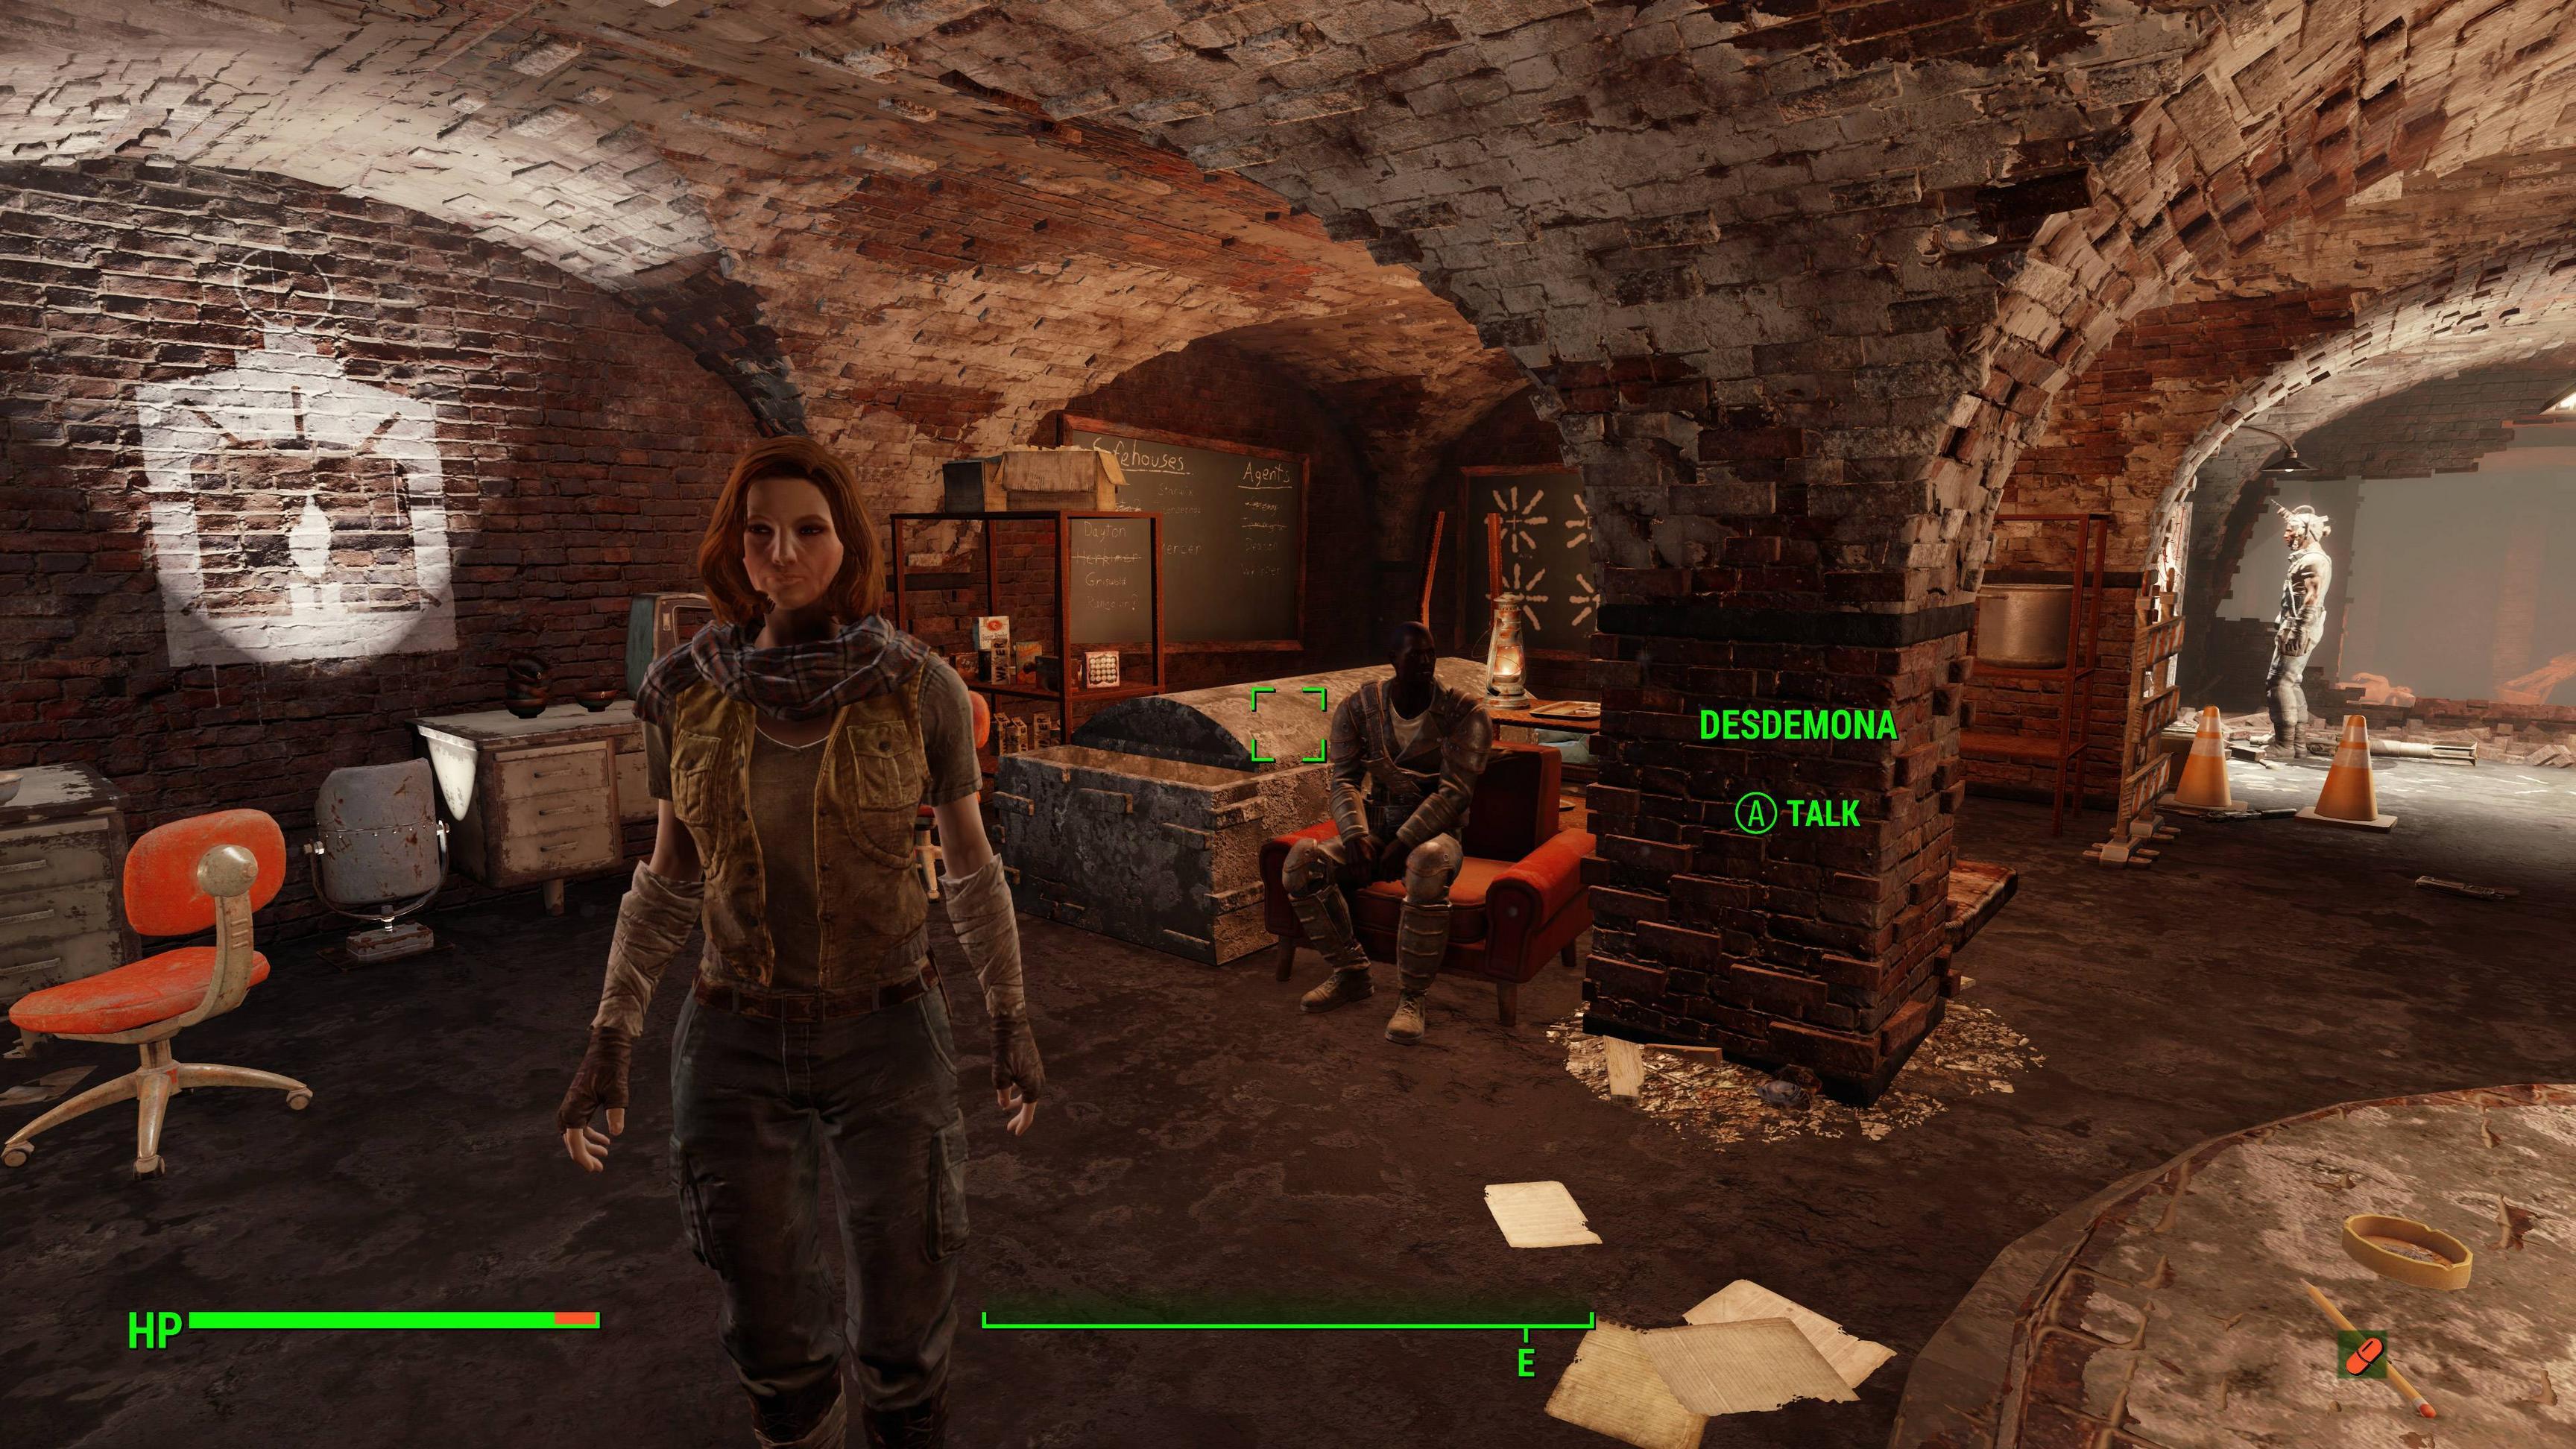 PC verzi Falloutu 4 můžete obohatit o textury ve vysokém rozlišení 138008